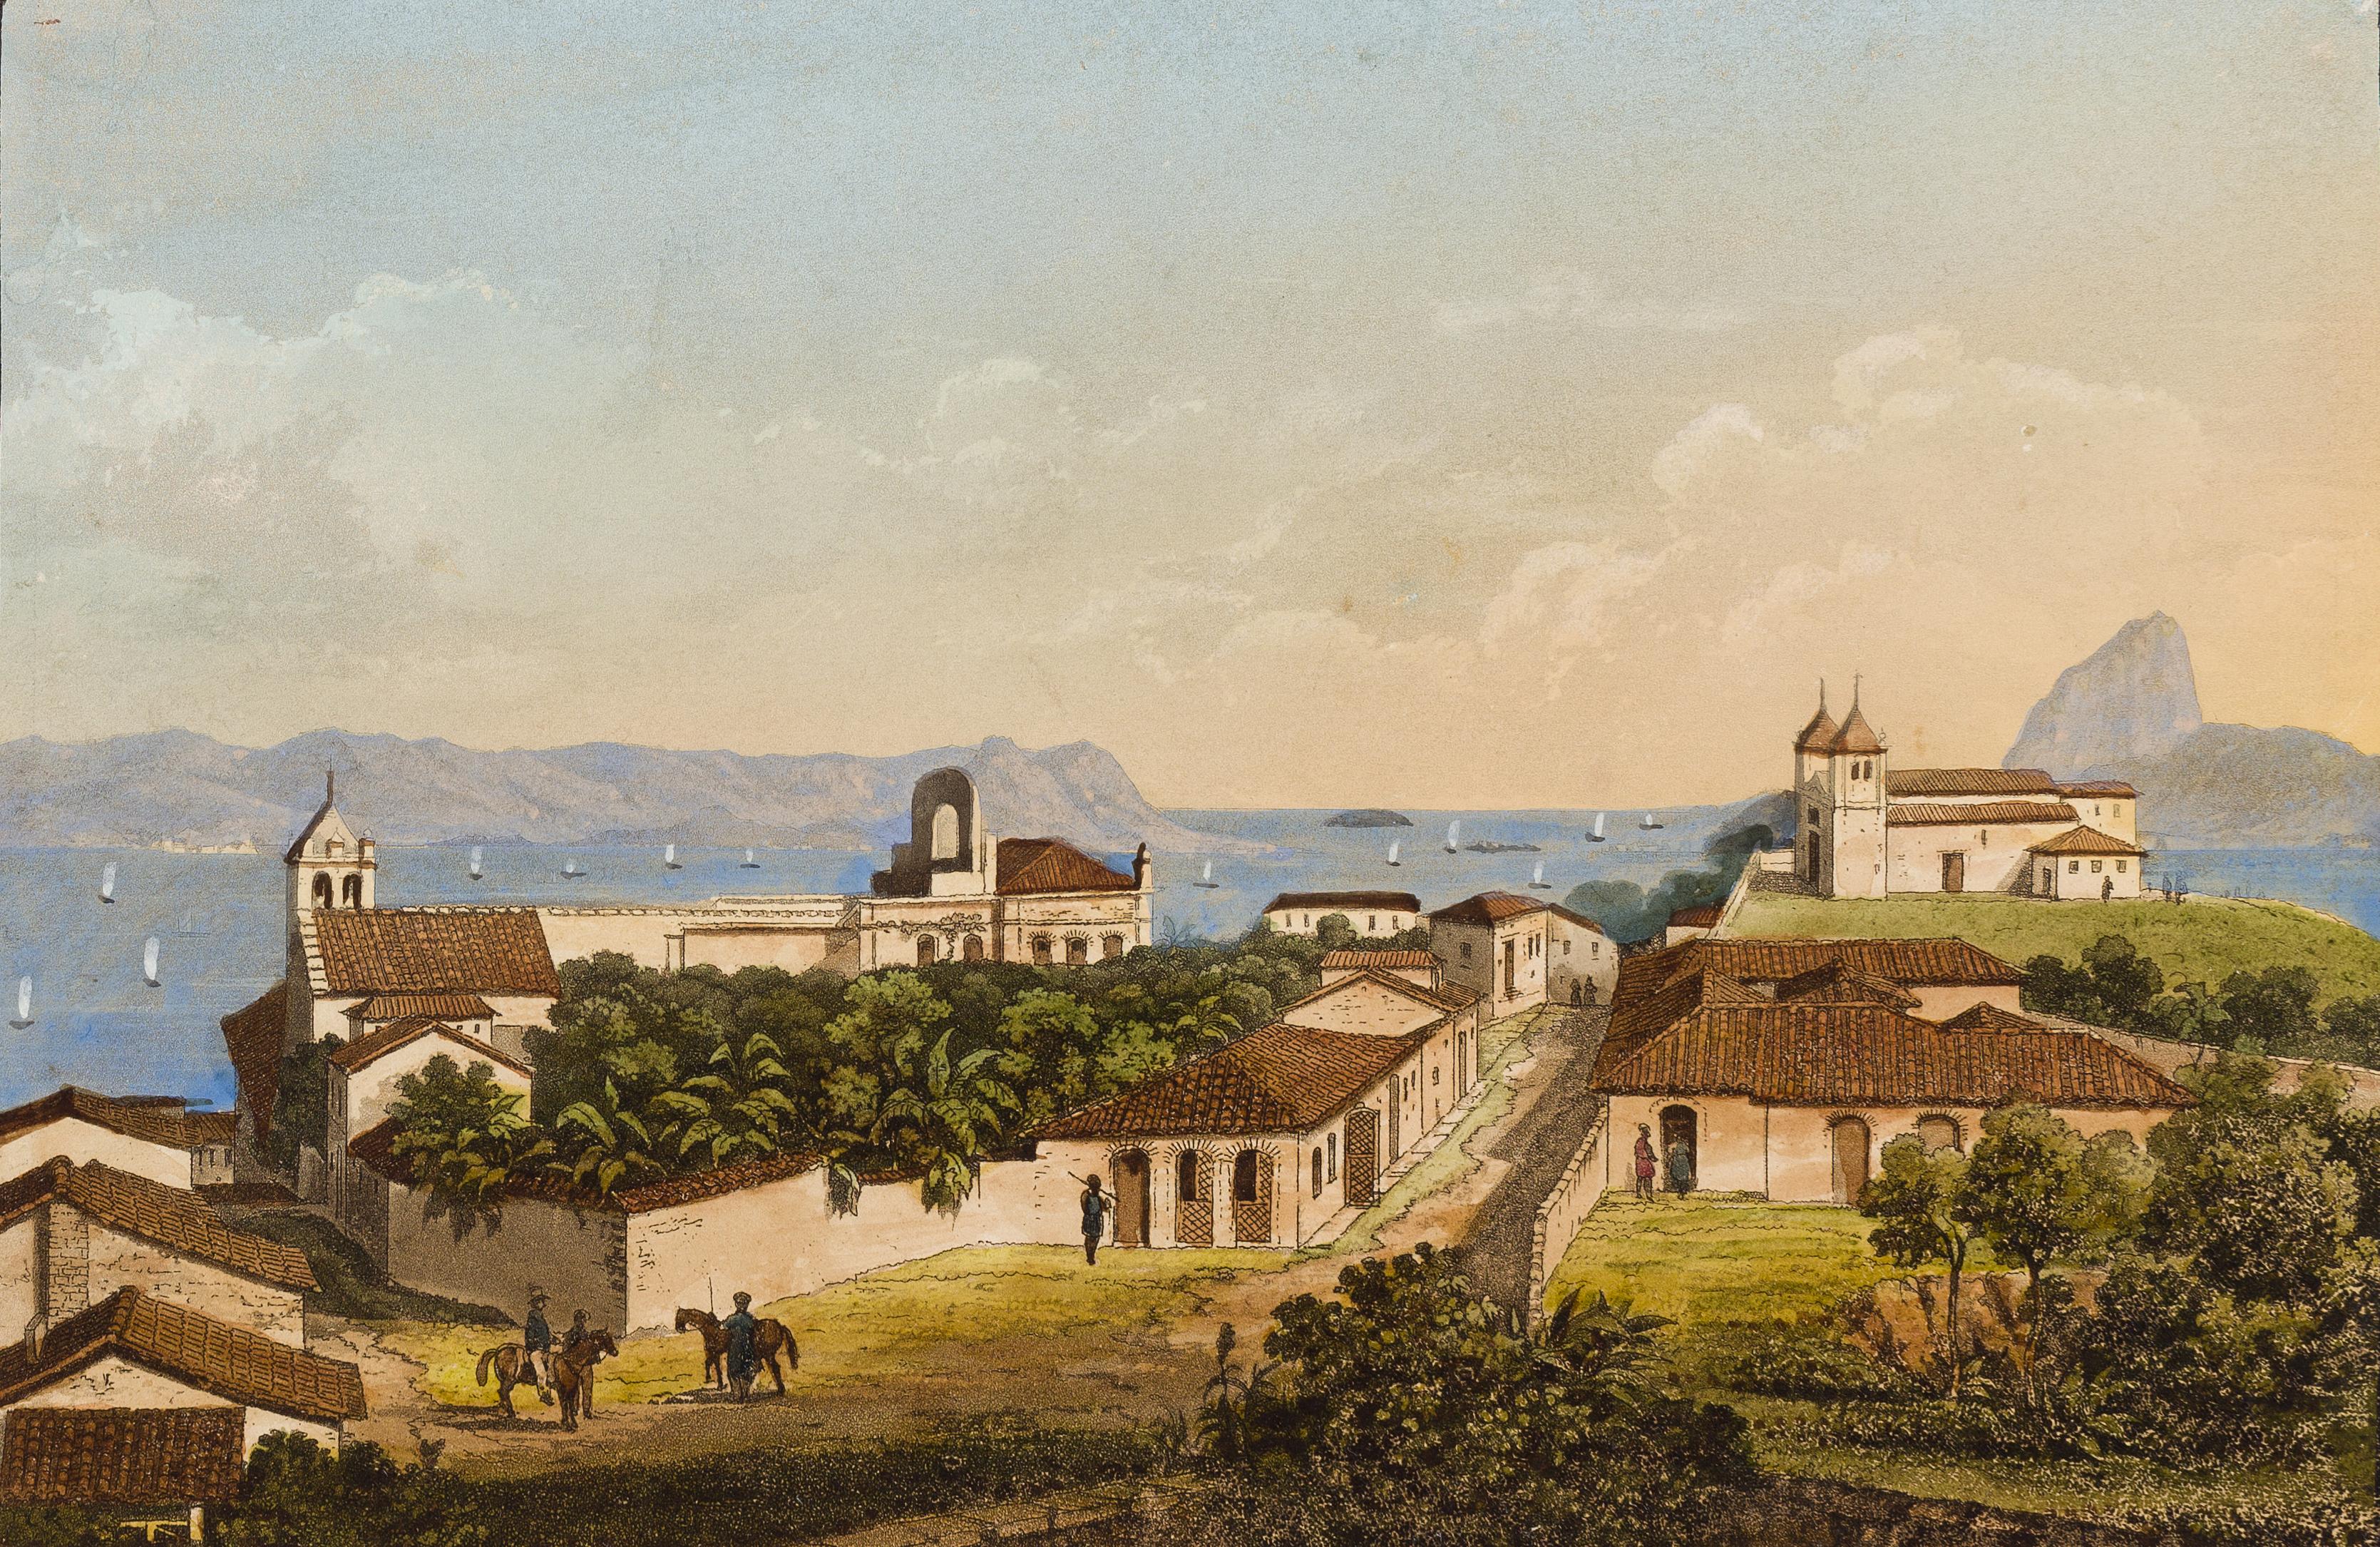 (1)Igreja de St. Sebastiaõ. Johann Jacob Steinmann. Acervo da Pinacoteca do Estado de São Paulo, Brasil. Coleção Brasiliana / Fundação Estudar. Doação da Fundação Estudar, 2007